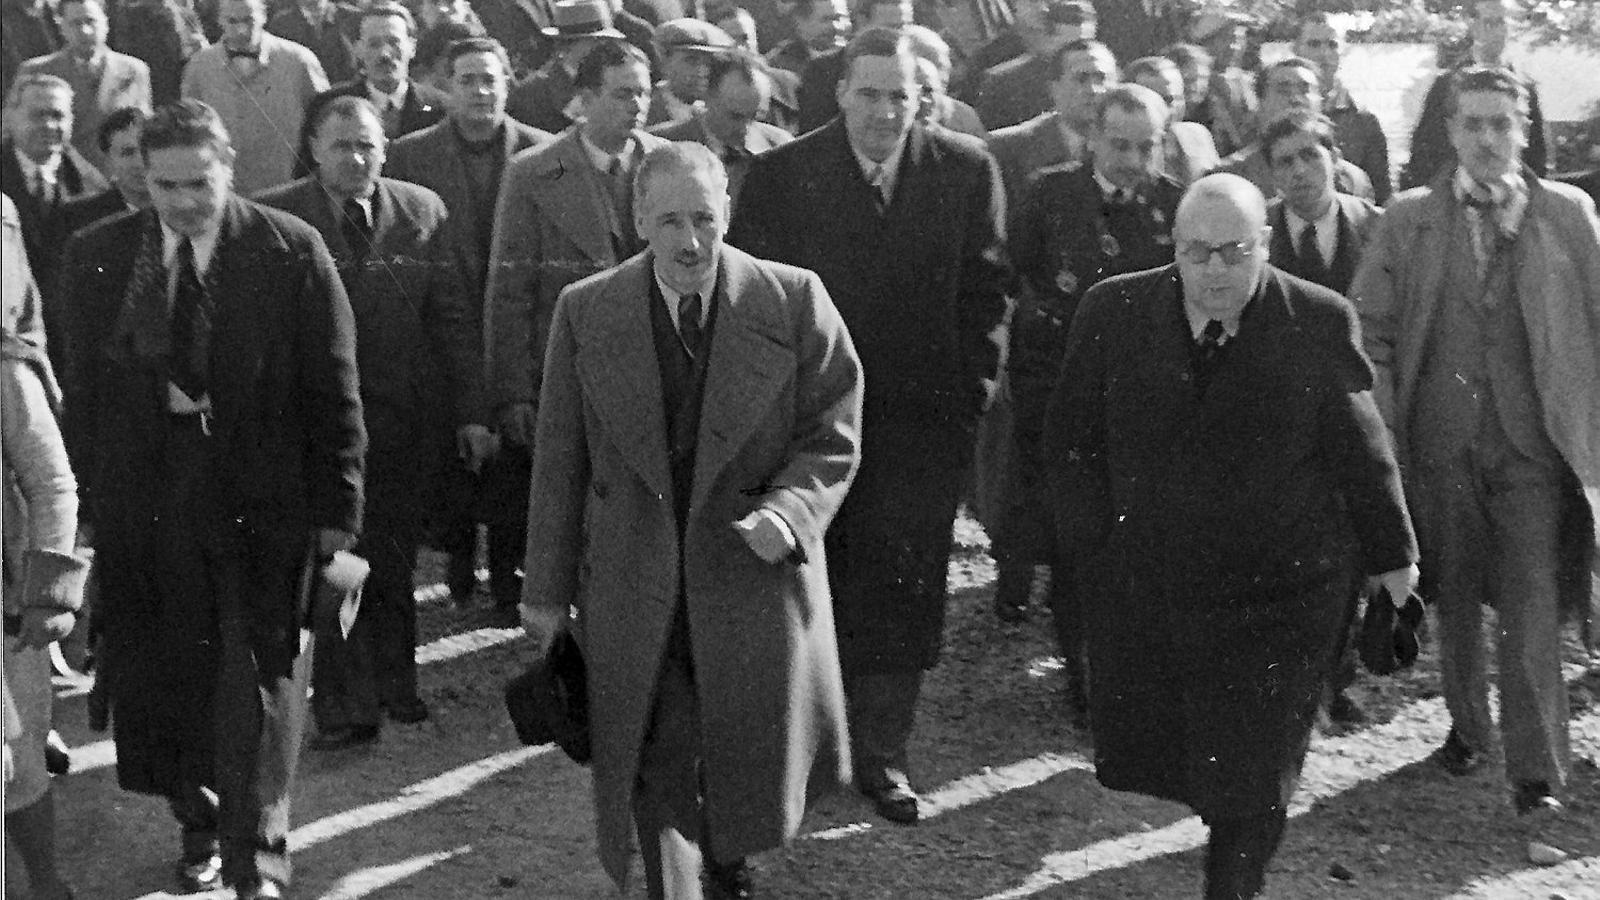 Els expresidents Lluís Companys i Josep Tarradellas i el ministre republicà Indalecio Prieto, en una visita a la tomba de Francesc Macià.